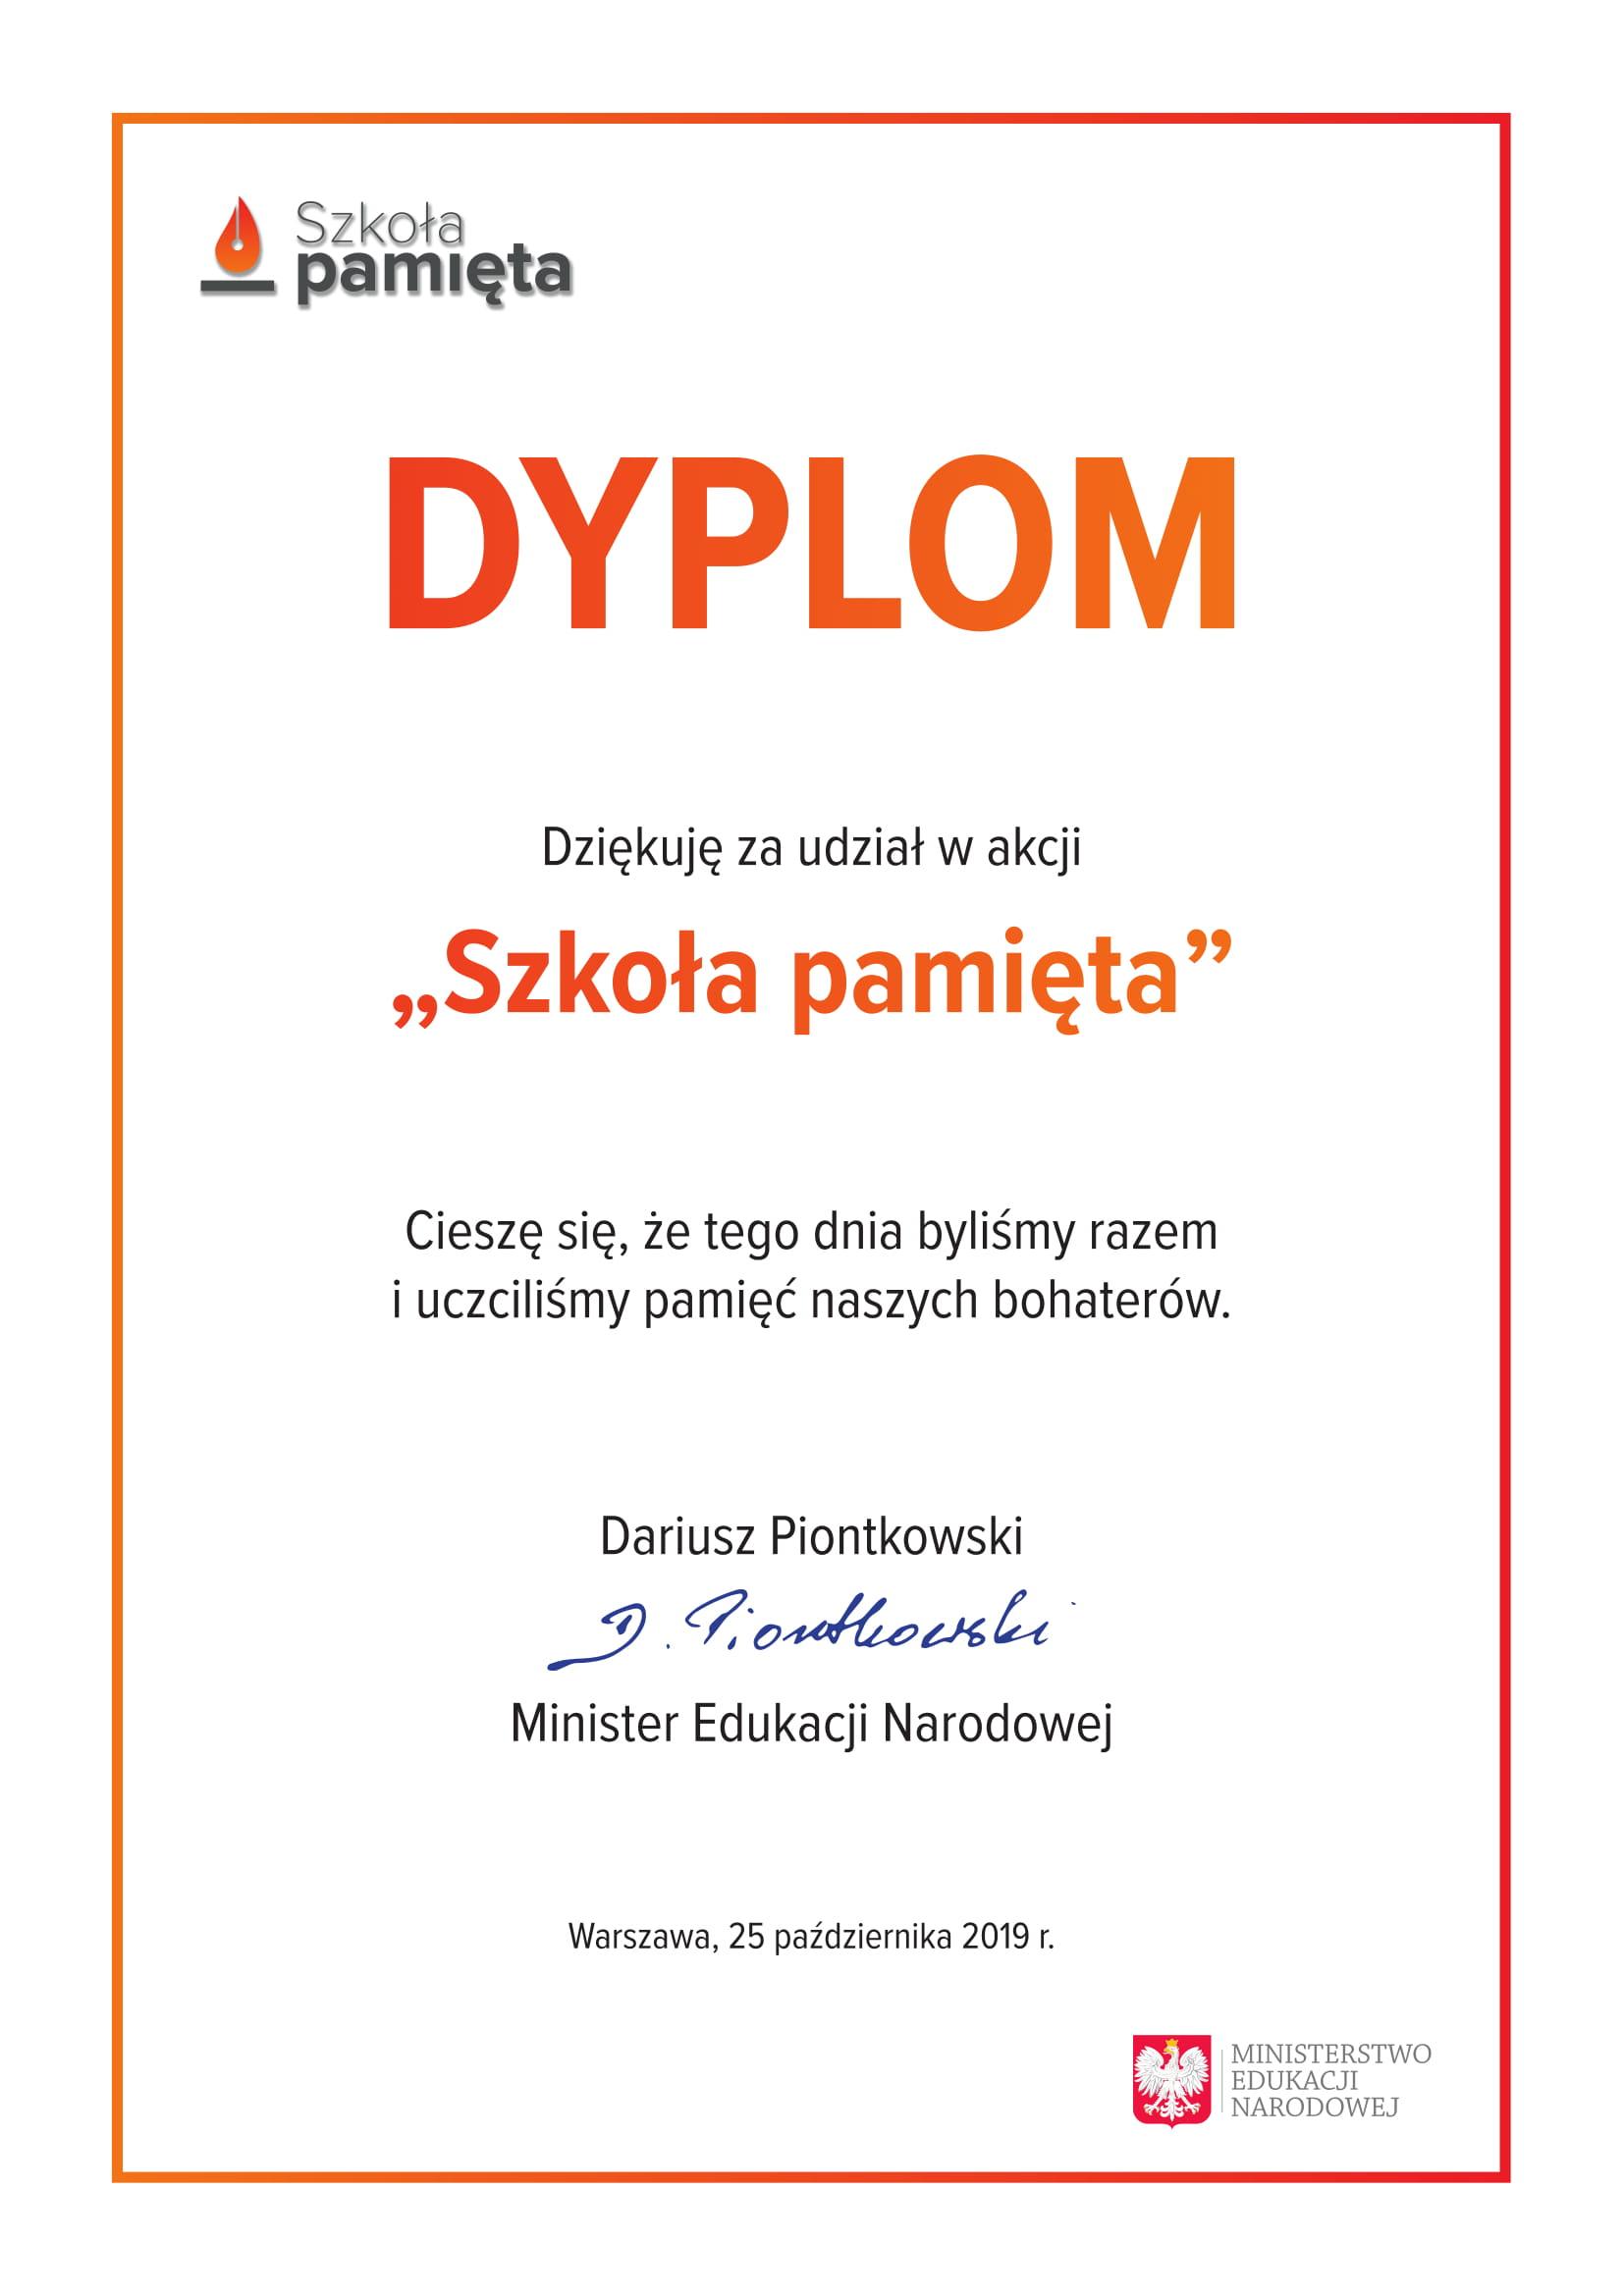 Dyplom - Szkoła pamięta